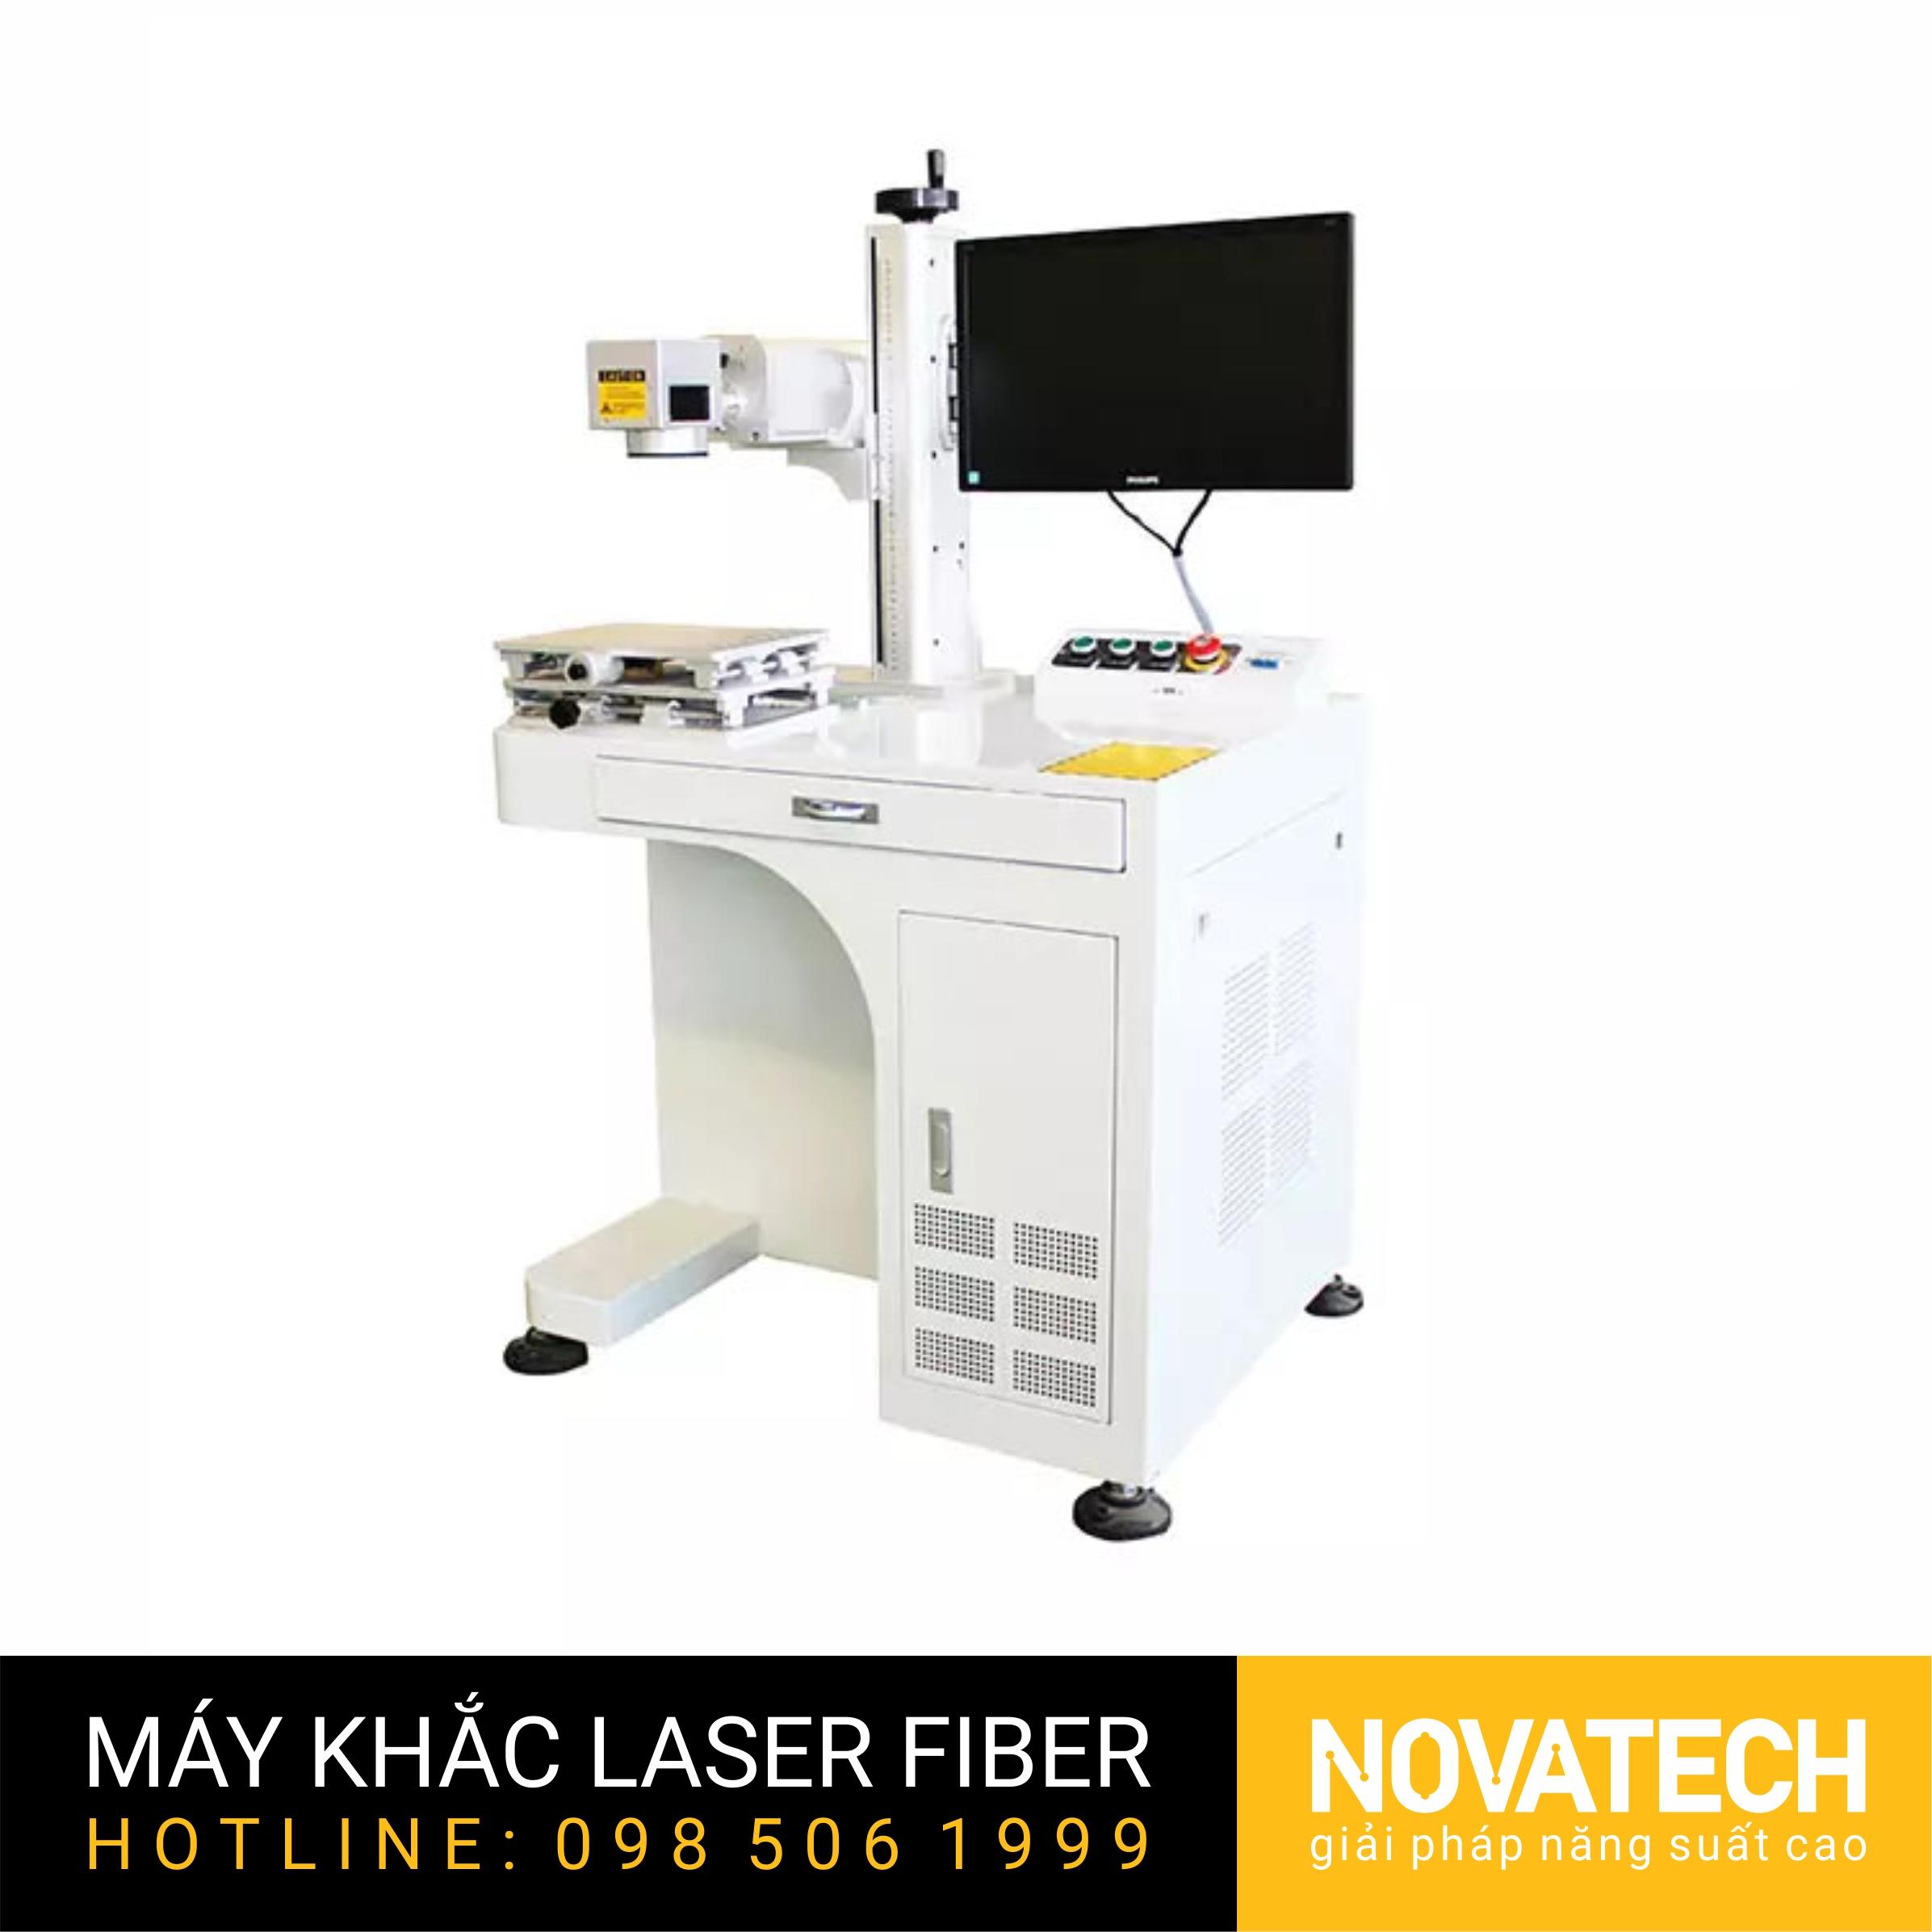 Máy khắc laser fiber 20W XT-Laser kiểu desktop